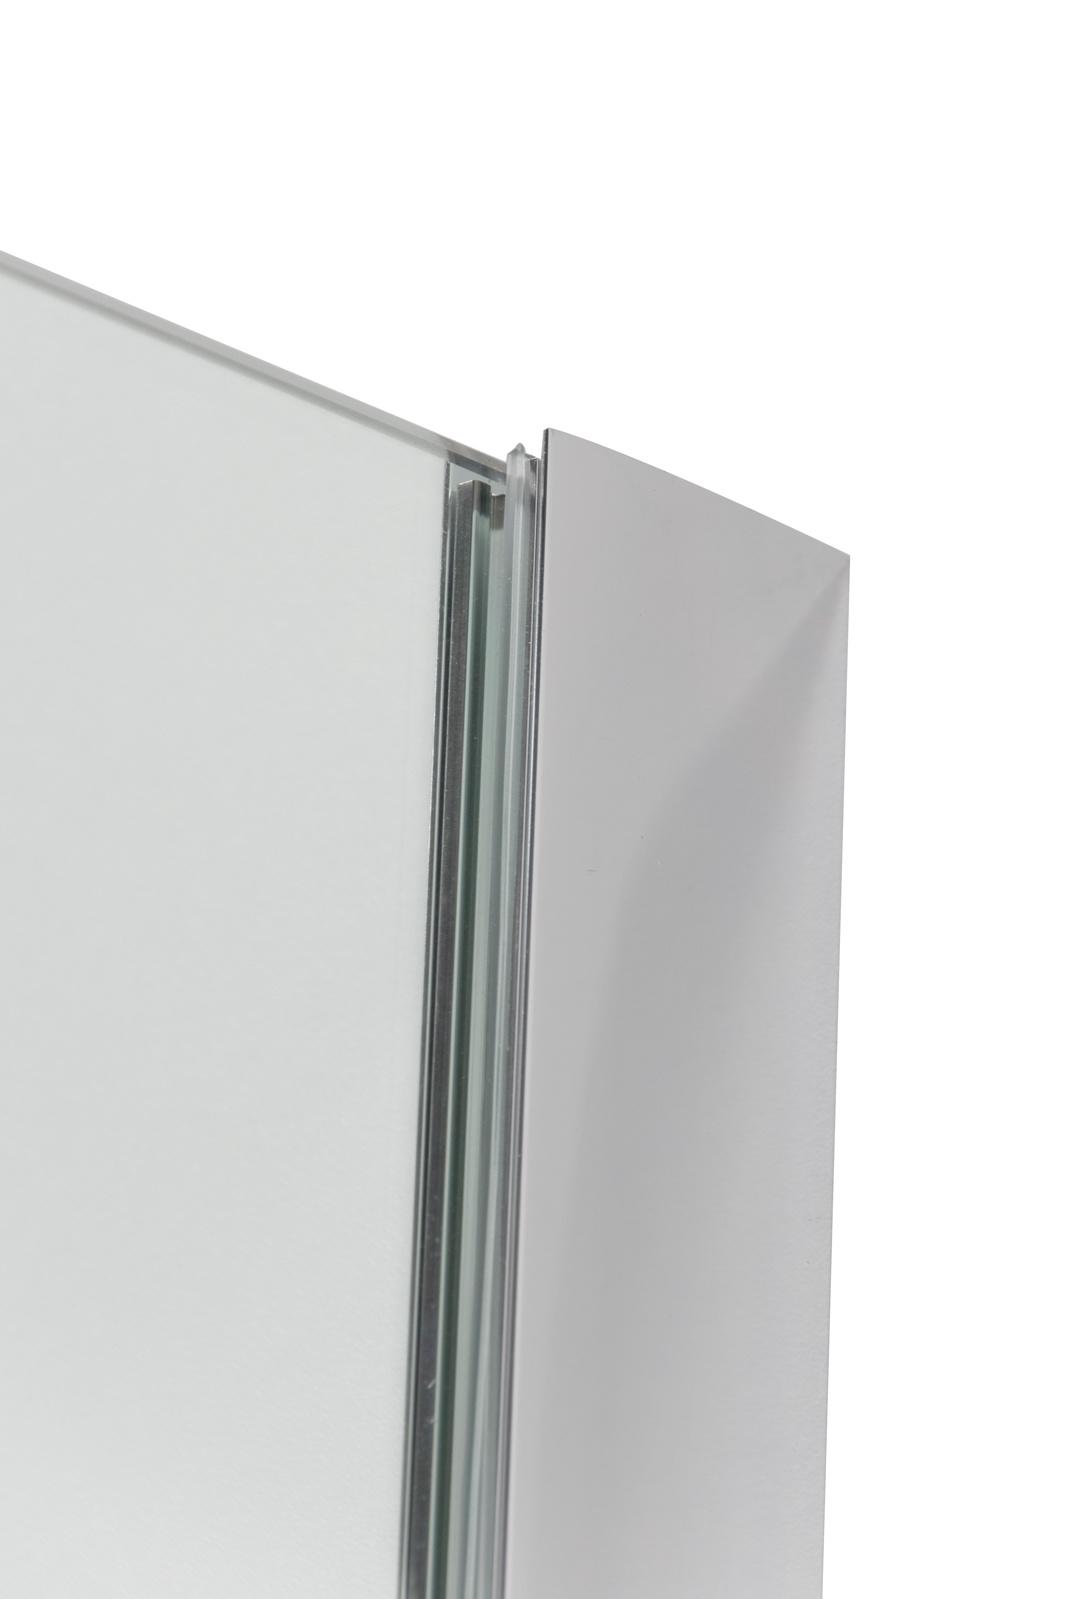 Linea Uno Inloopdouche Linea Uno 120 x 200 cm